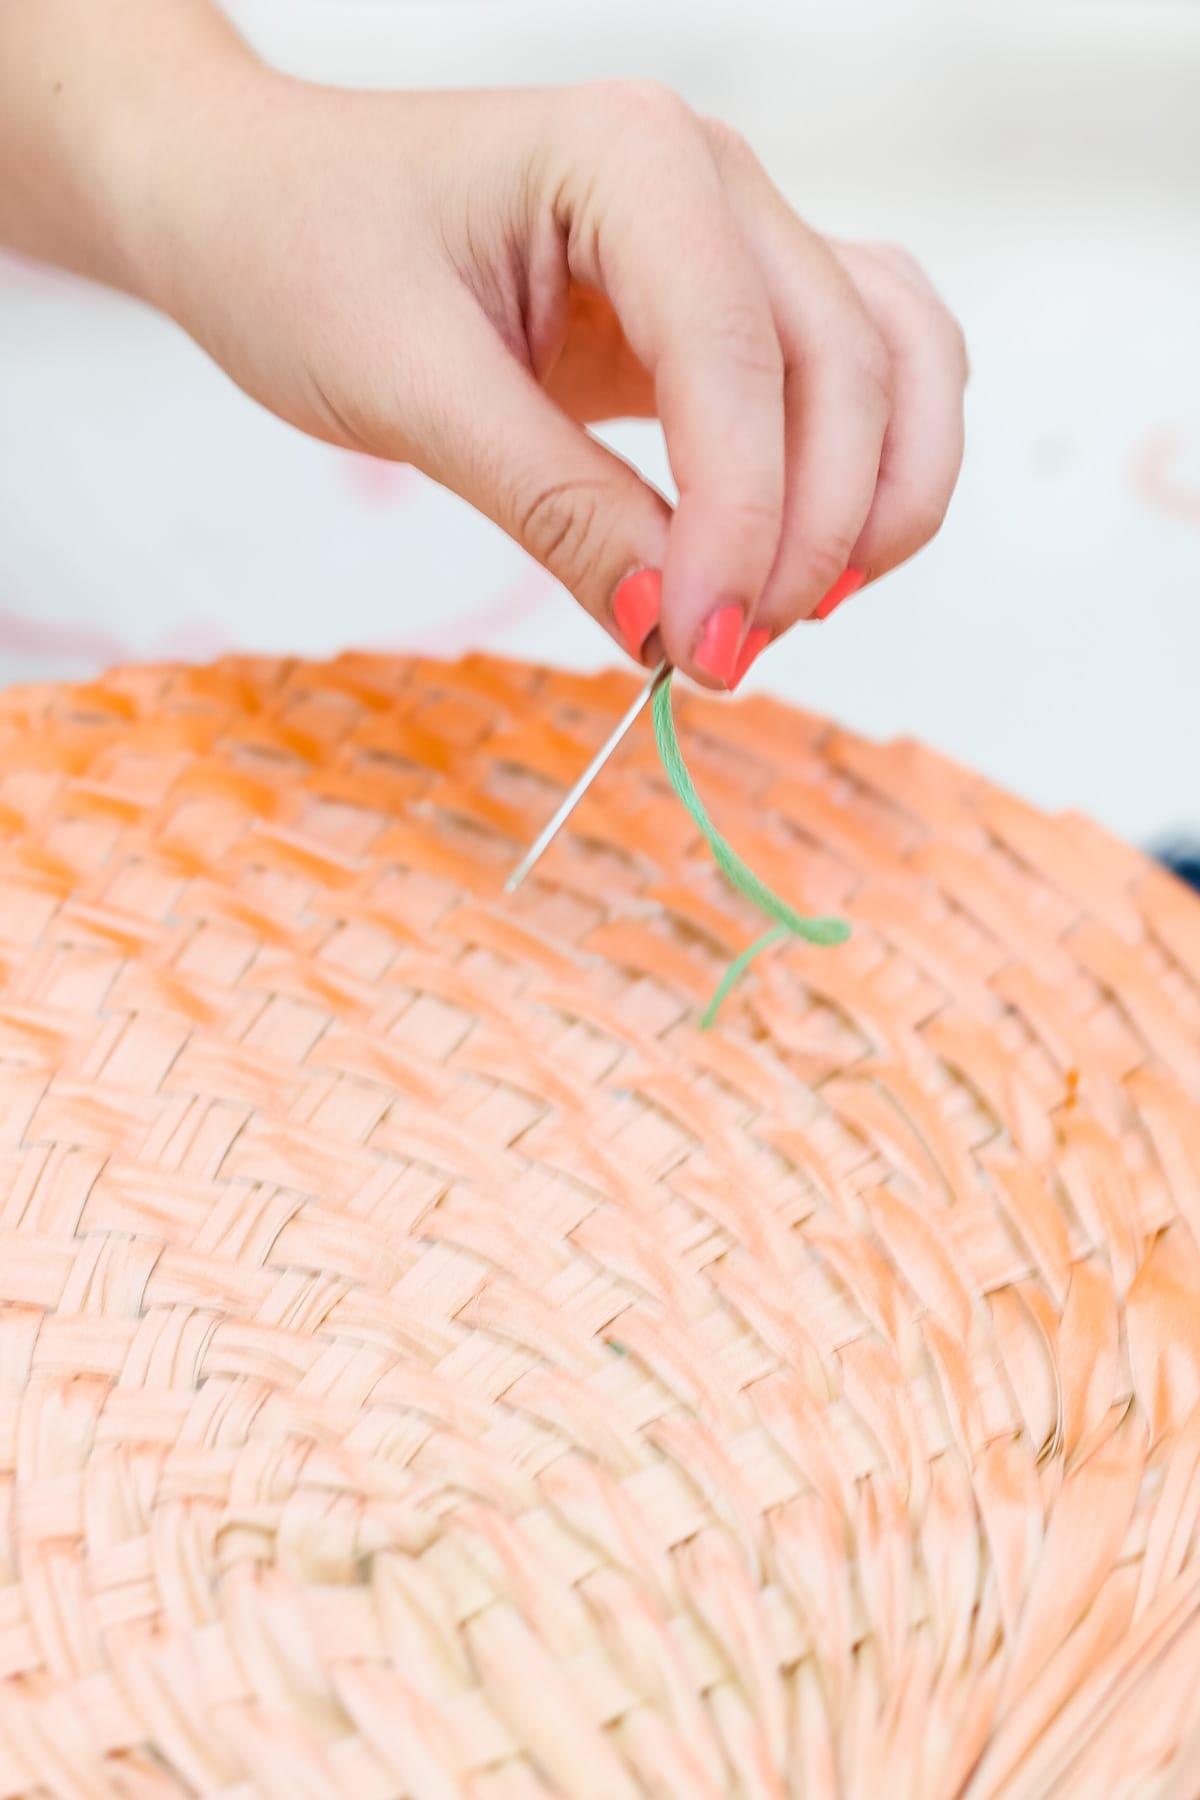 DIY Geometric Embroidered Fans by Ashley Rose of Sugar & Cloth, an award winning DIY blog.